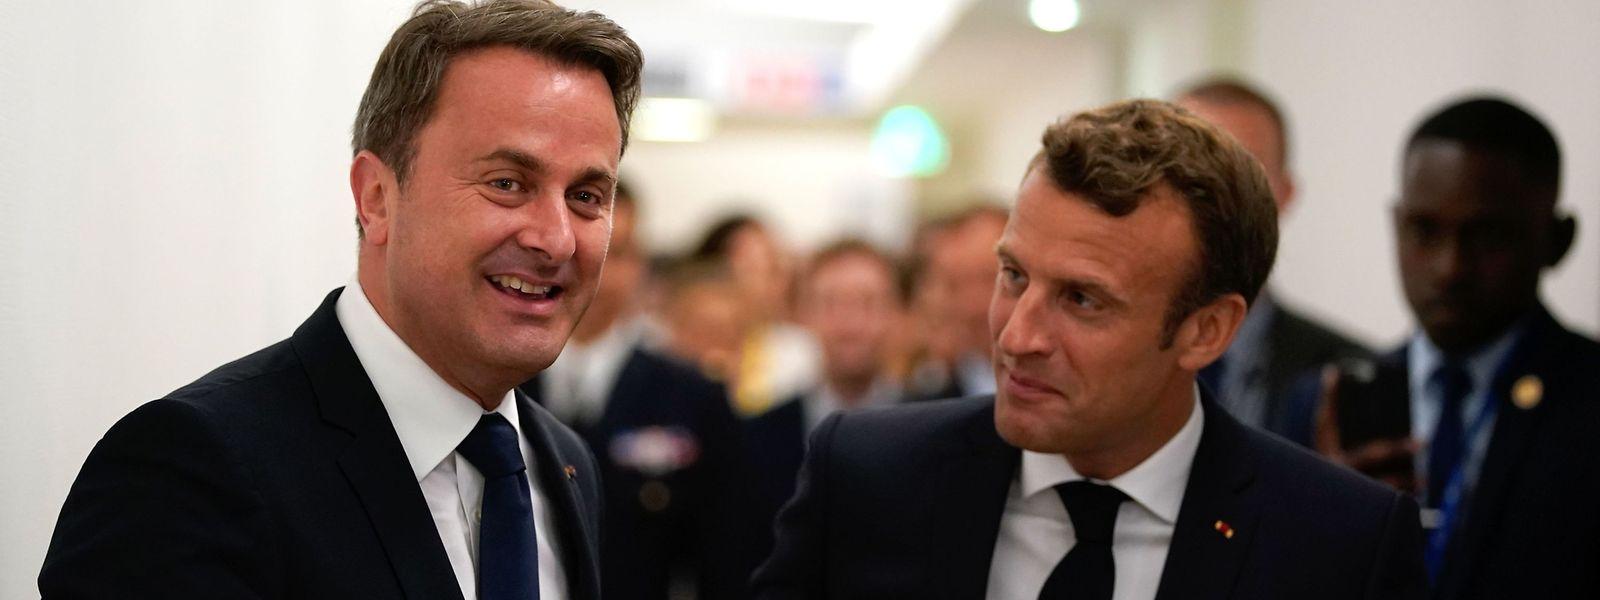 Xavier Bettel und der französische Präsident Emmanuel Macron am Donnerstag in Brüssel.